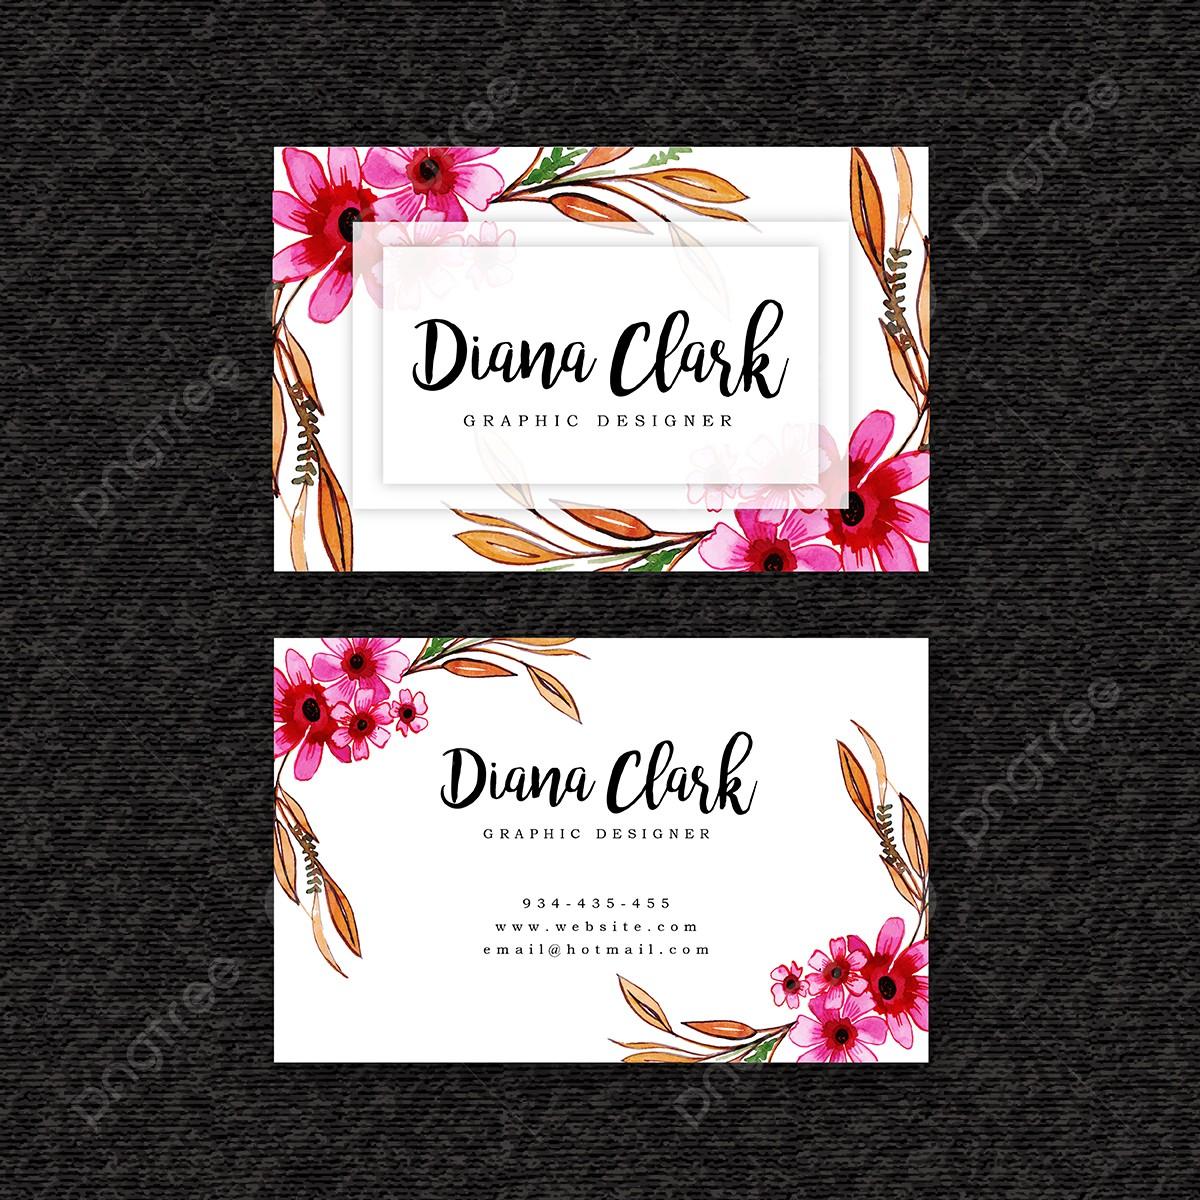 Aquarell Floral Visitenkarte Vorlage Vorlage Zum Kostenlosen Download Auf Pngtree